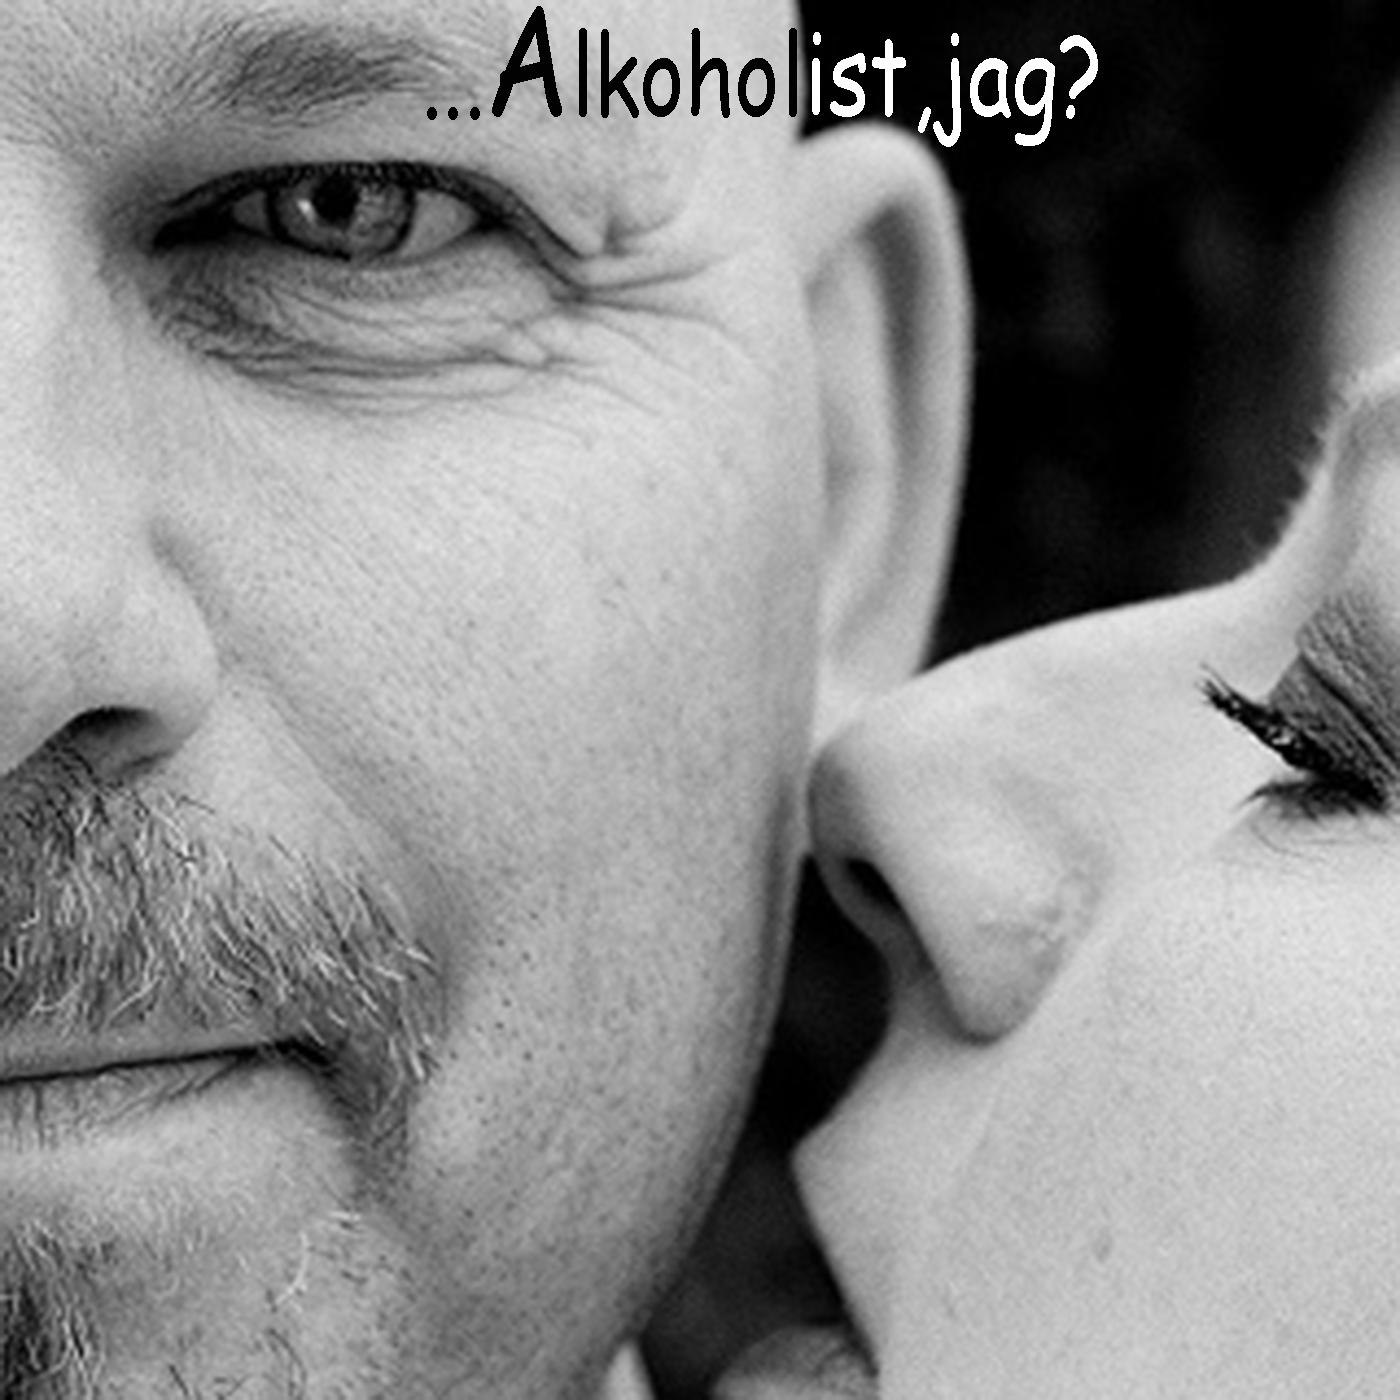 Alkoholist,jag?